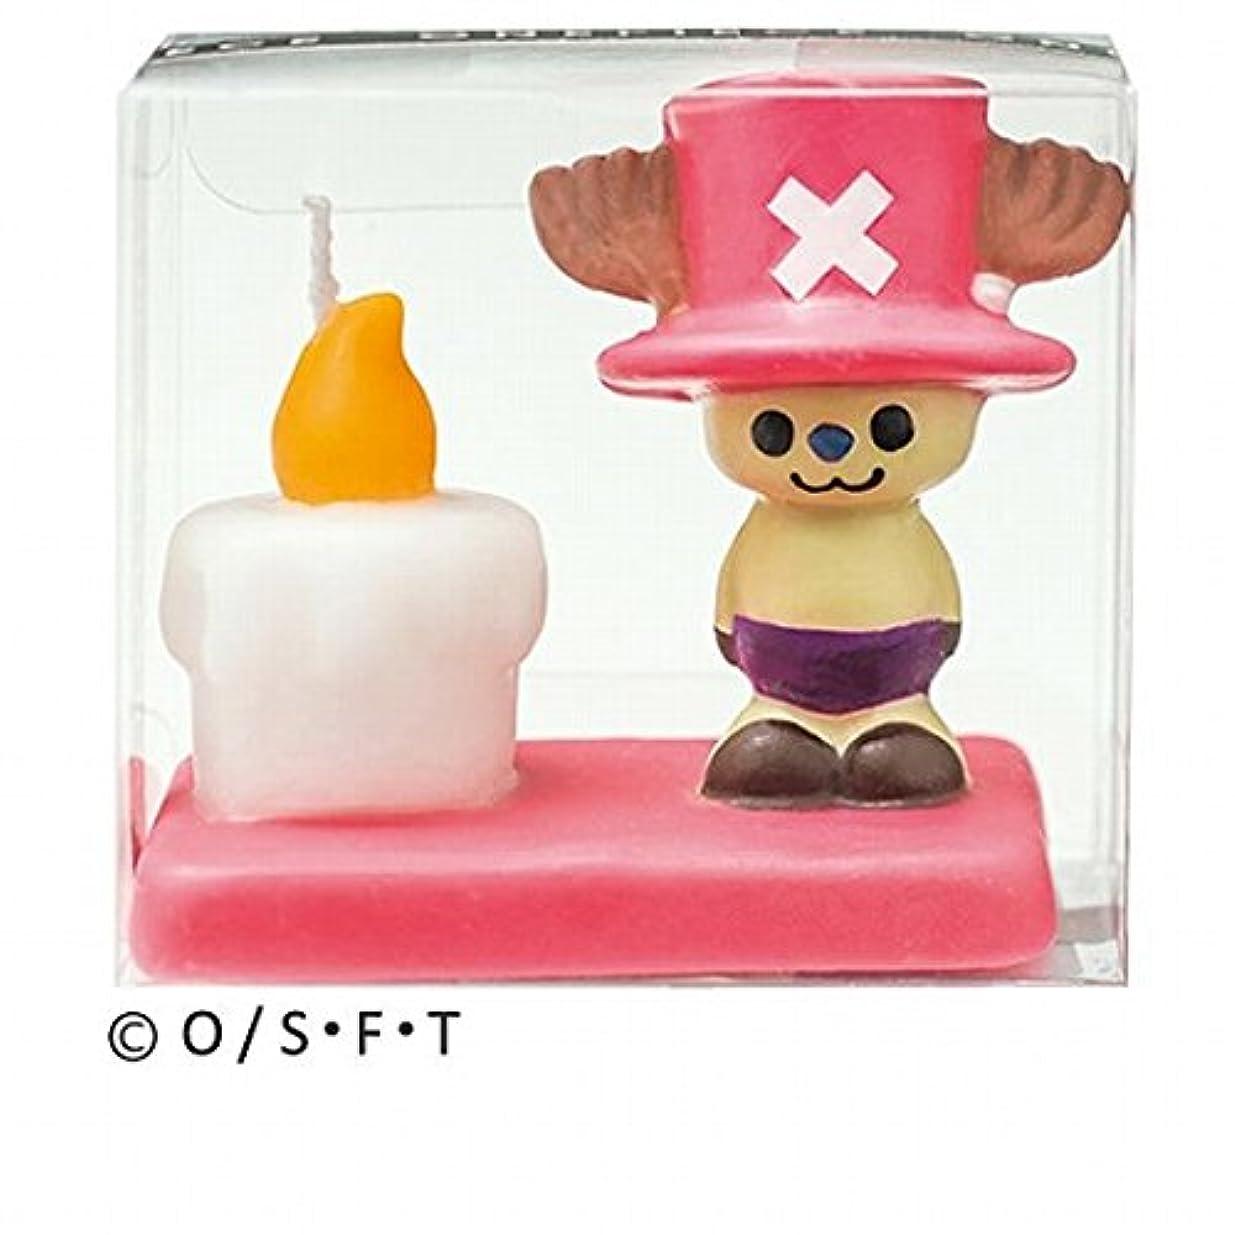 欠乏スイングフルーティーカメヤマキャンドル(kameyama candle) チョッパーキャンドル